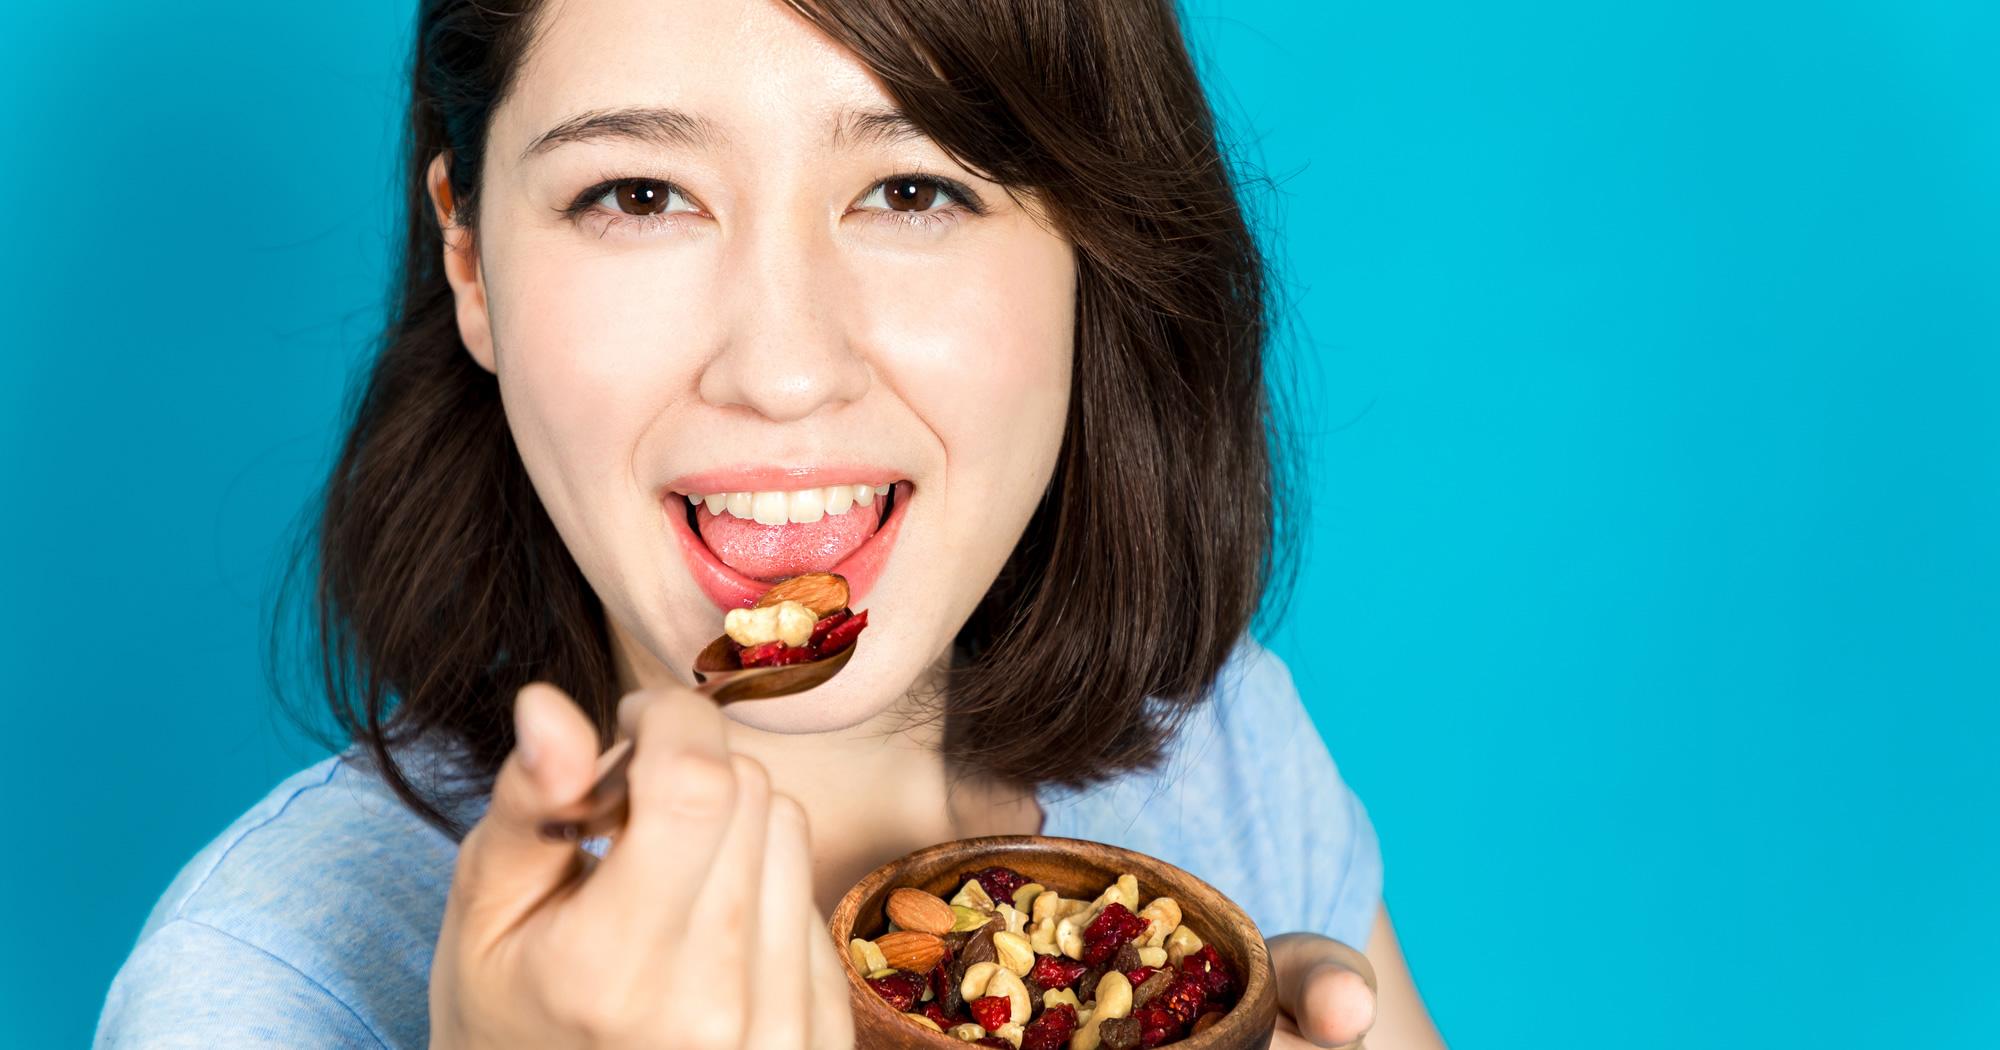 食べるのが好きな人のための「間食OK」ダイエット